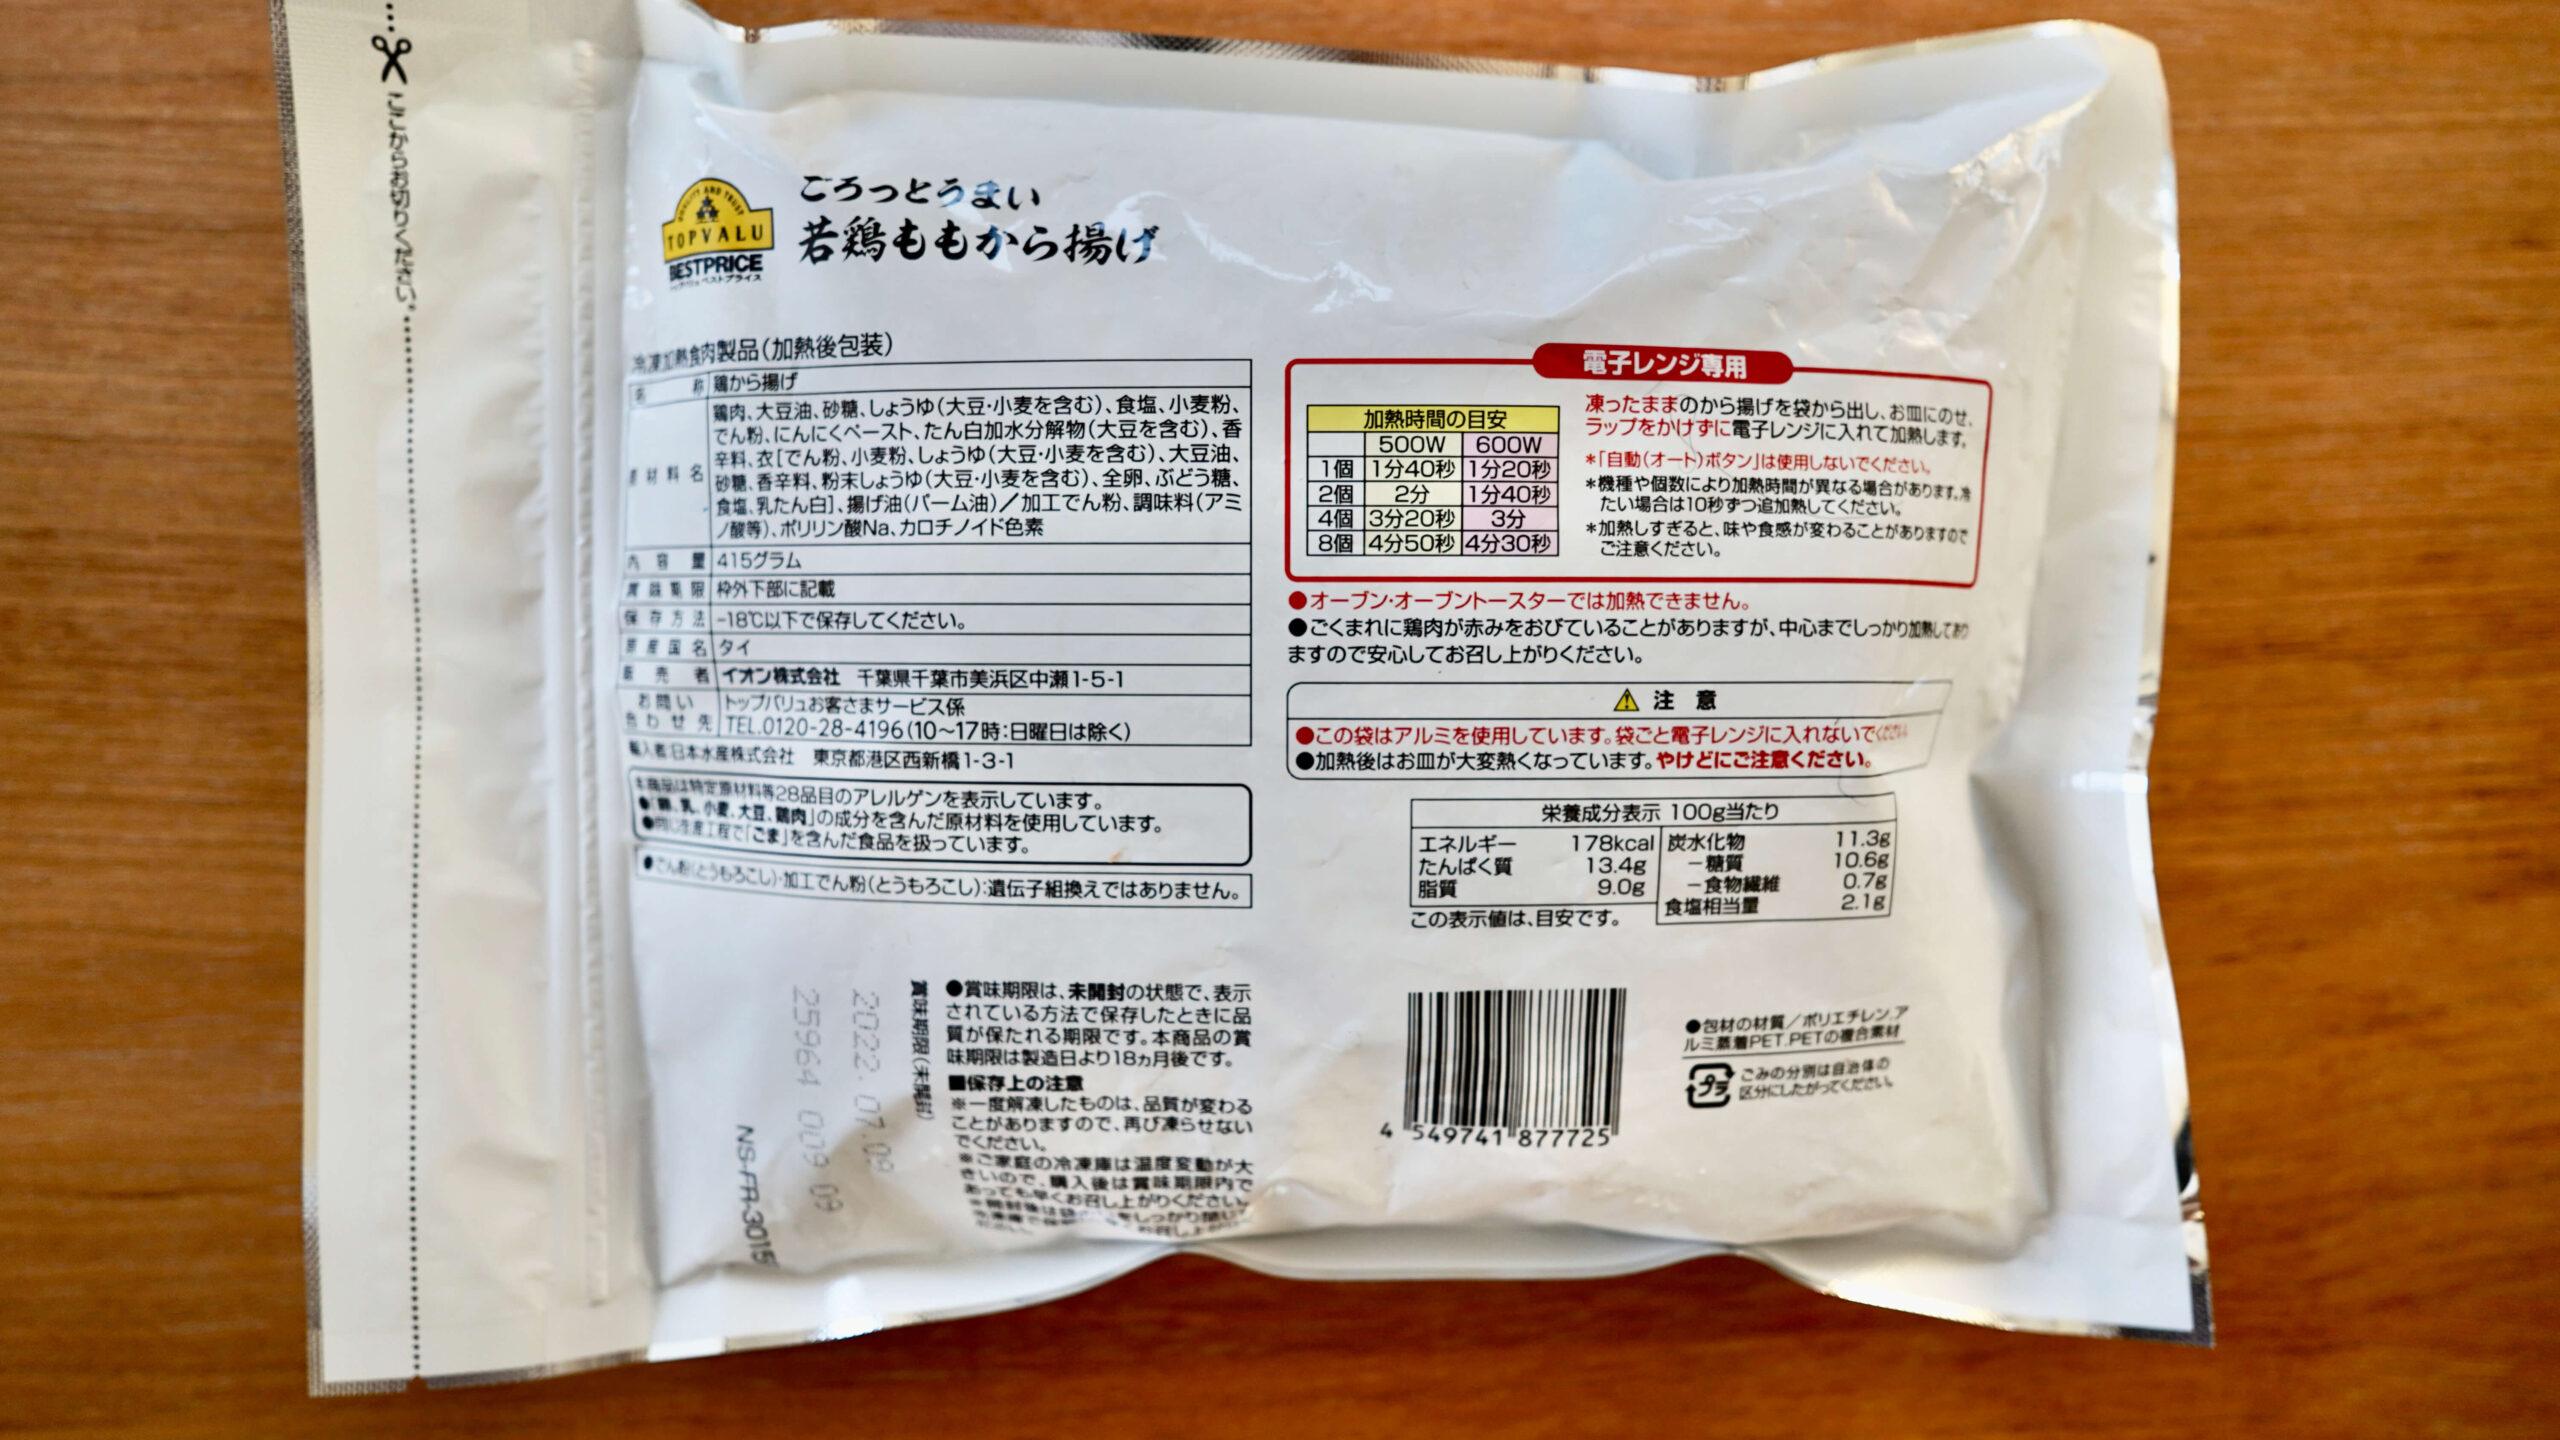 イオン・トップバリュの冷凍食品「ごろっとうまい若鶏ももから揚げ」のパッケージ裏面の写真